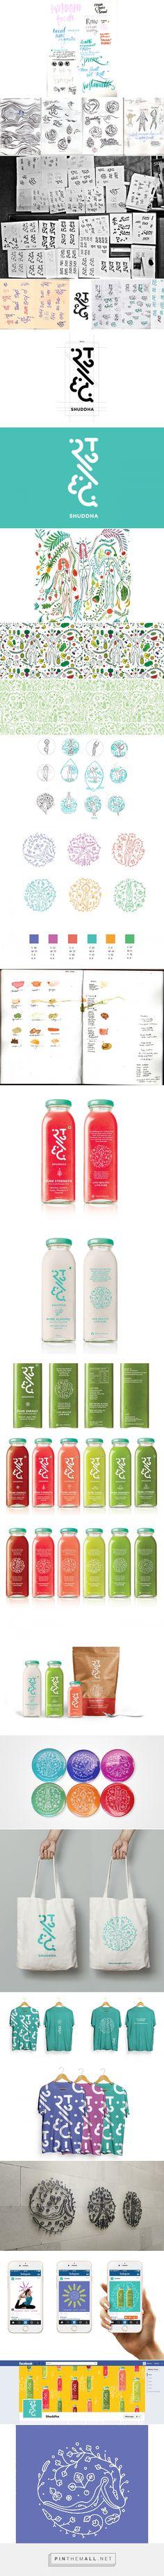 Branding for Shuddha on Behance- https://www.behance.net/gallery/32217867/Branding-for-Shuddha - created via https://pinthemall.net